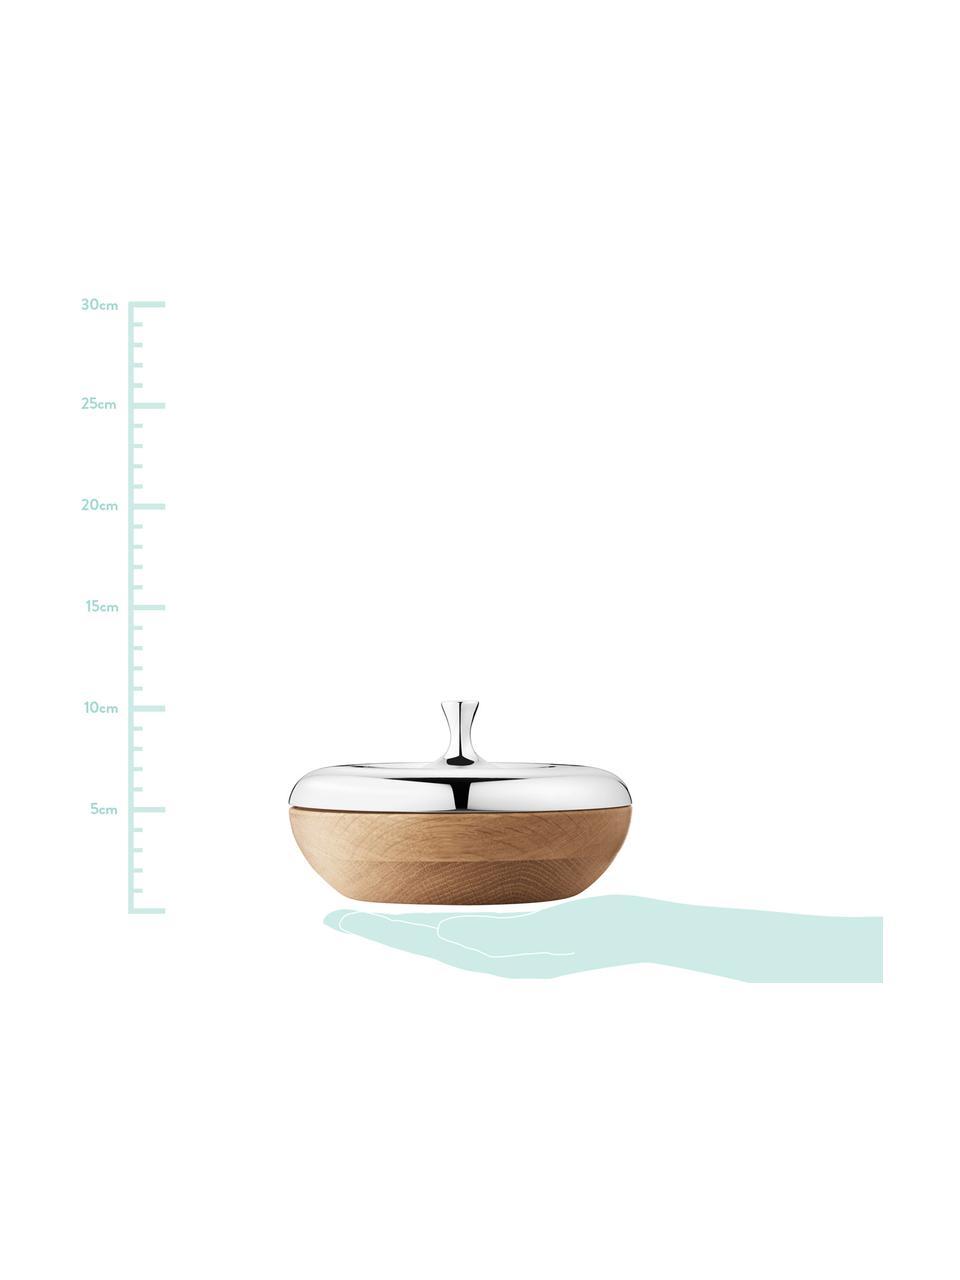 Aufbewahrungsdose Turnip, Dose: Eiche, Deckel: Edelstahl, hochglanzpolie, Dose: Eiche<br>Deckel: Edelstahl, glänzend, Ø 17 x H 10 cm